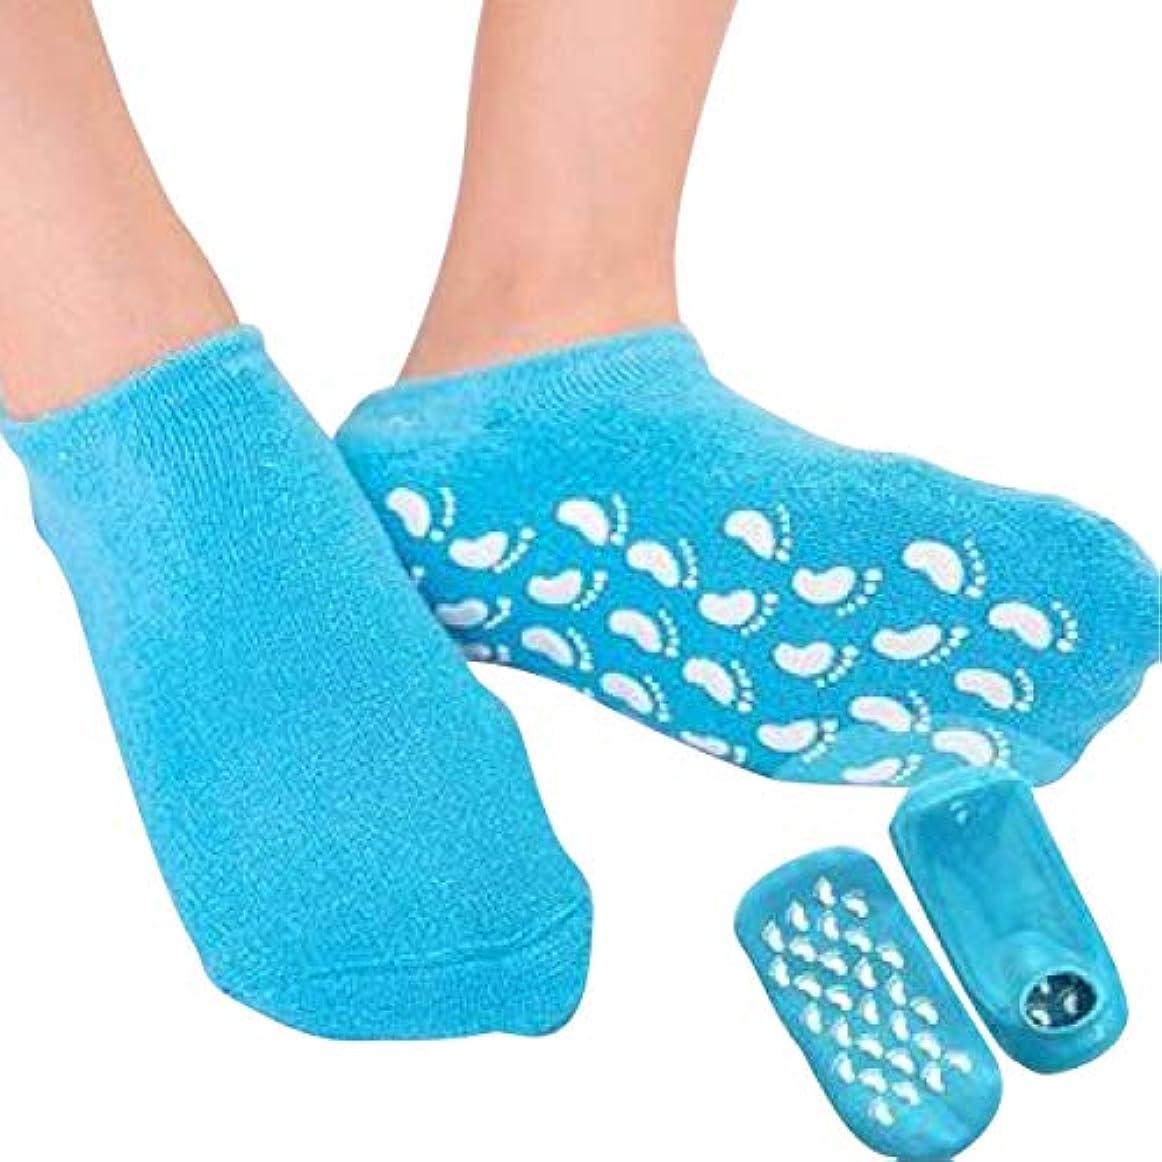 存在する薬剤師頼むS&E かかと 靴下 保湿 ソックス 美容成分 潤い ゲル付き 滑り止め 足裏 足の甲 ホホバオイル グレープシード ビタミンE ラベンダー ローズ (ブルー)